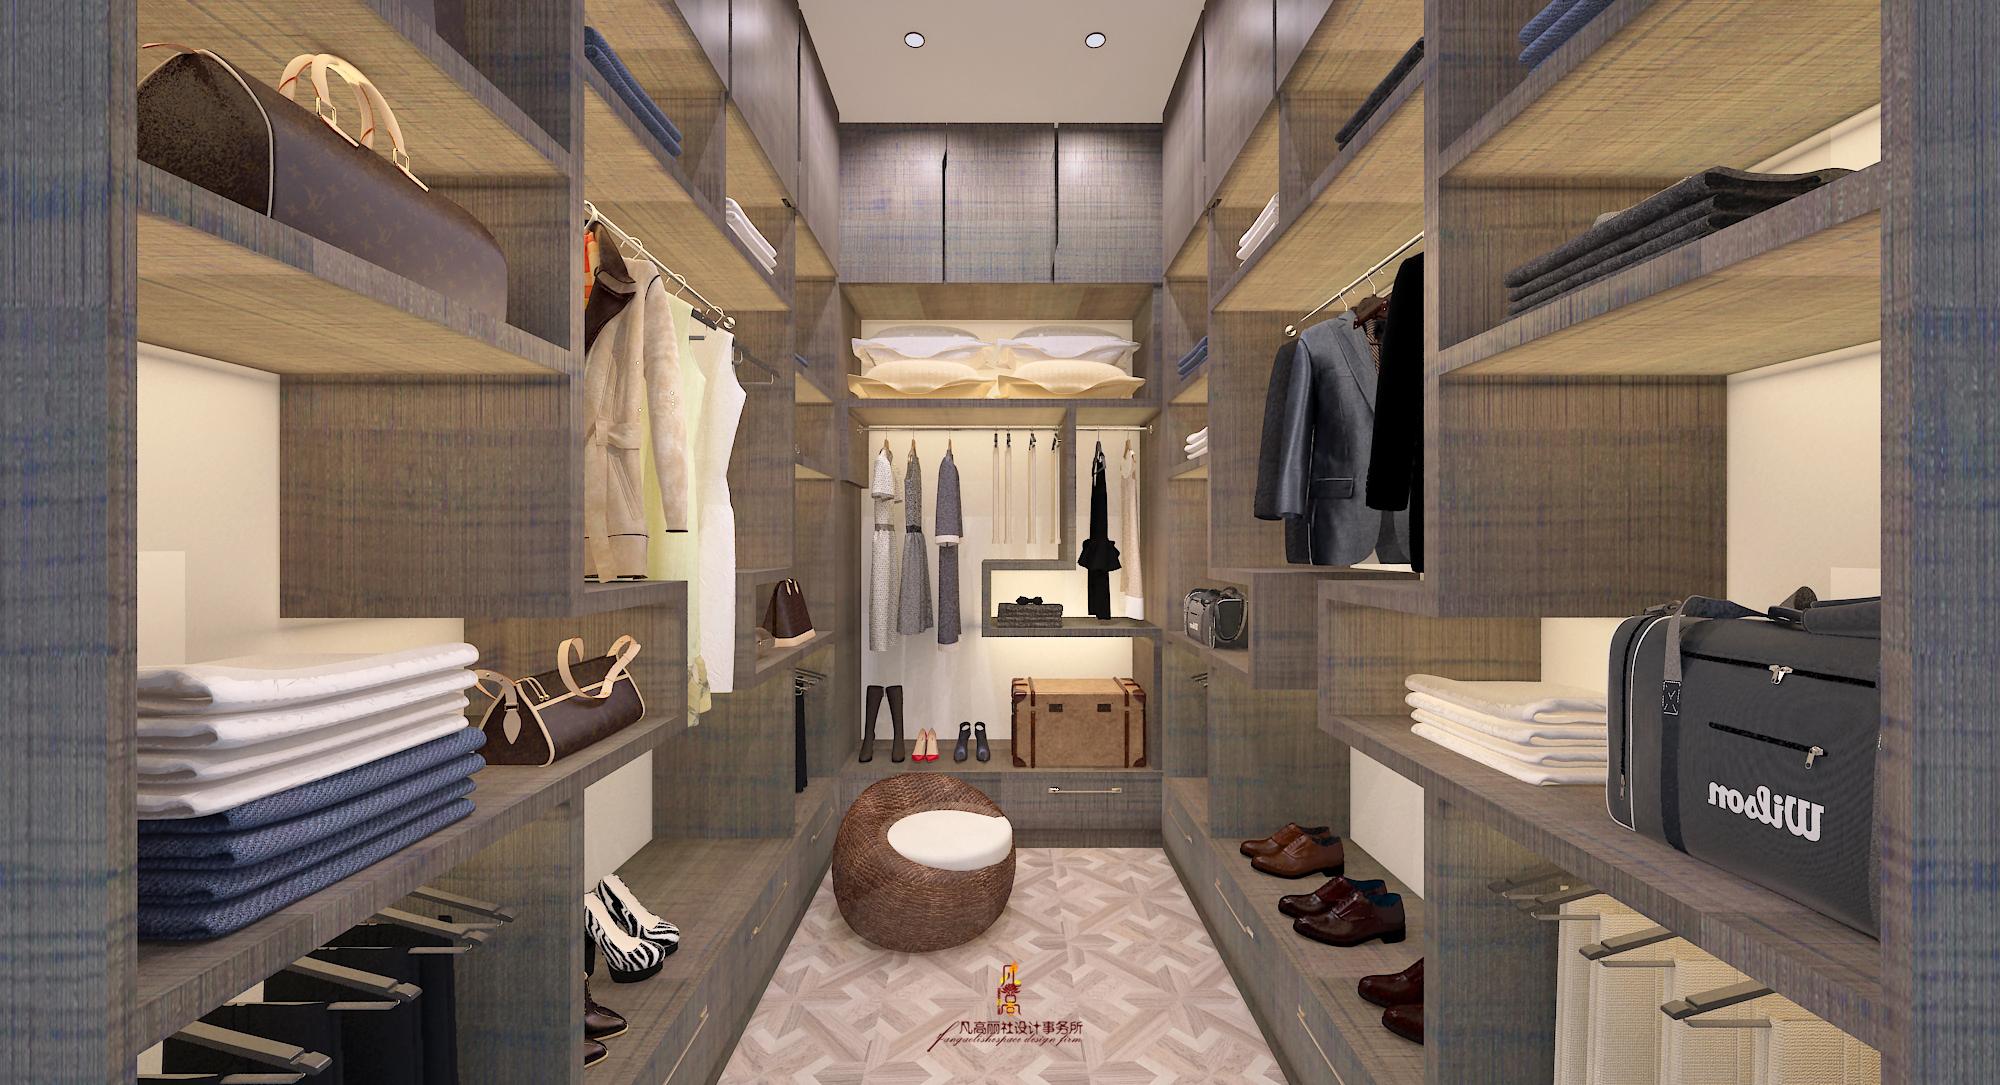 别墅 北欧 新古典 衣帽间图片来自天津凡高丽社空间设计事务所在颜值+气质的分享